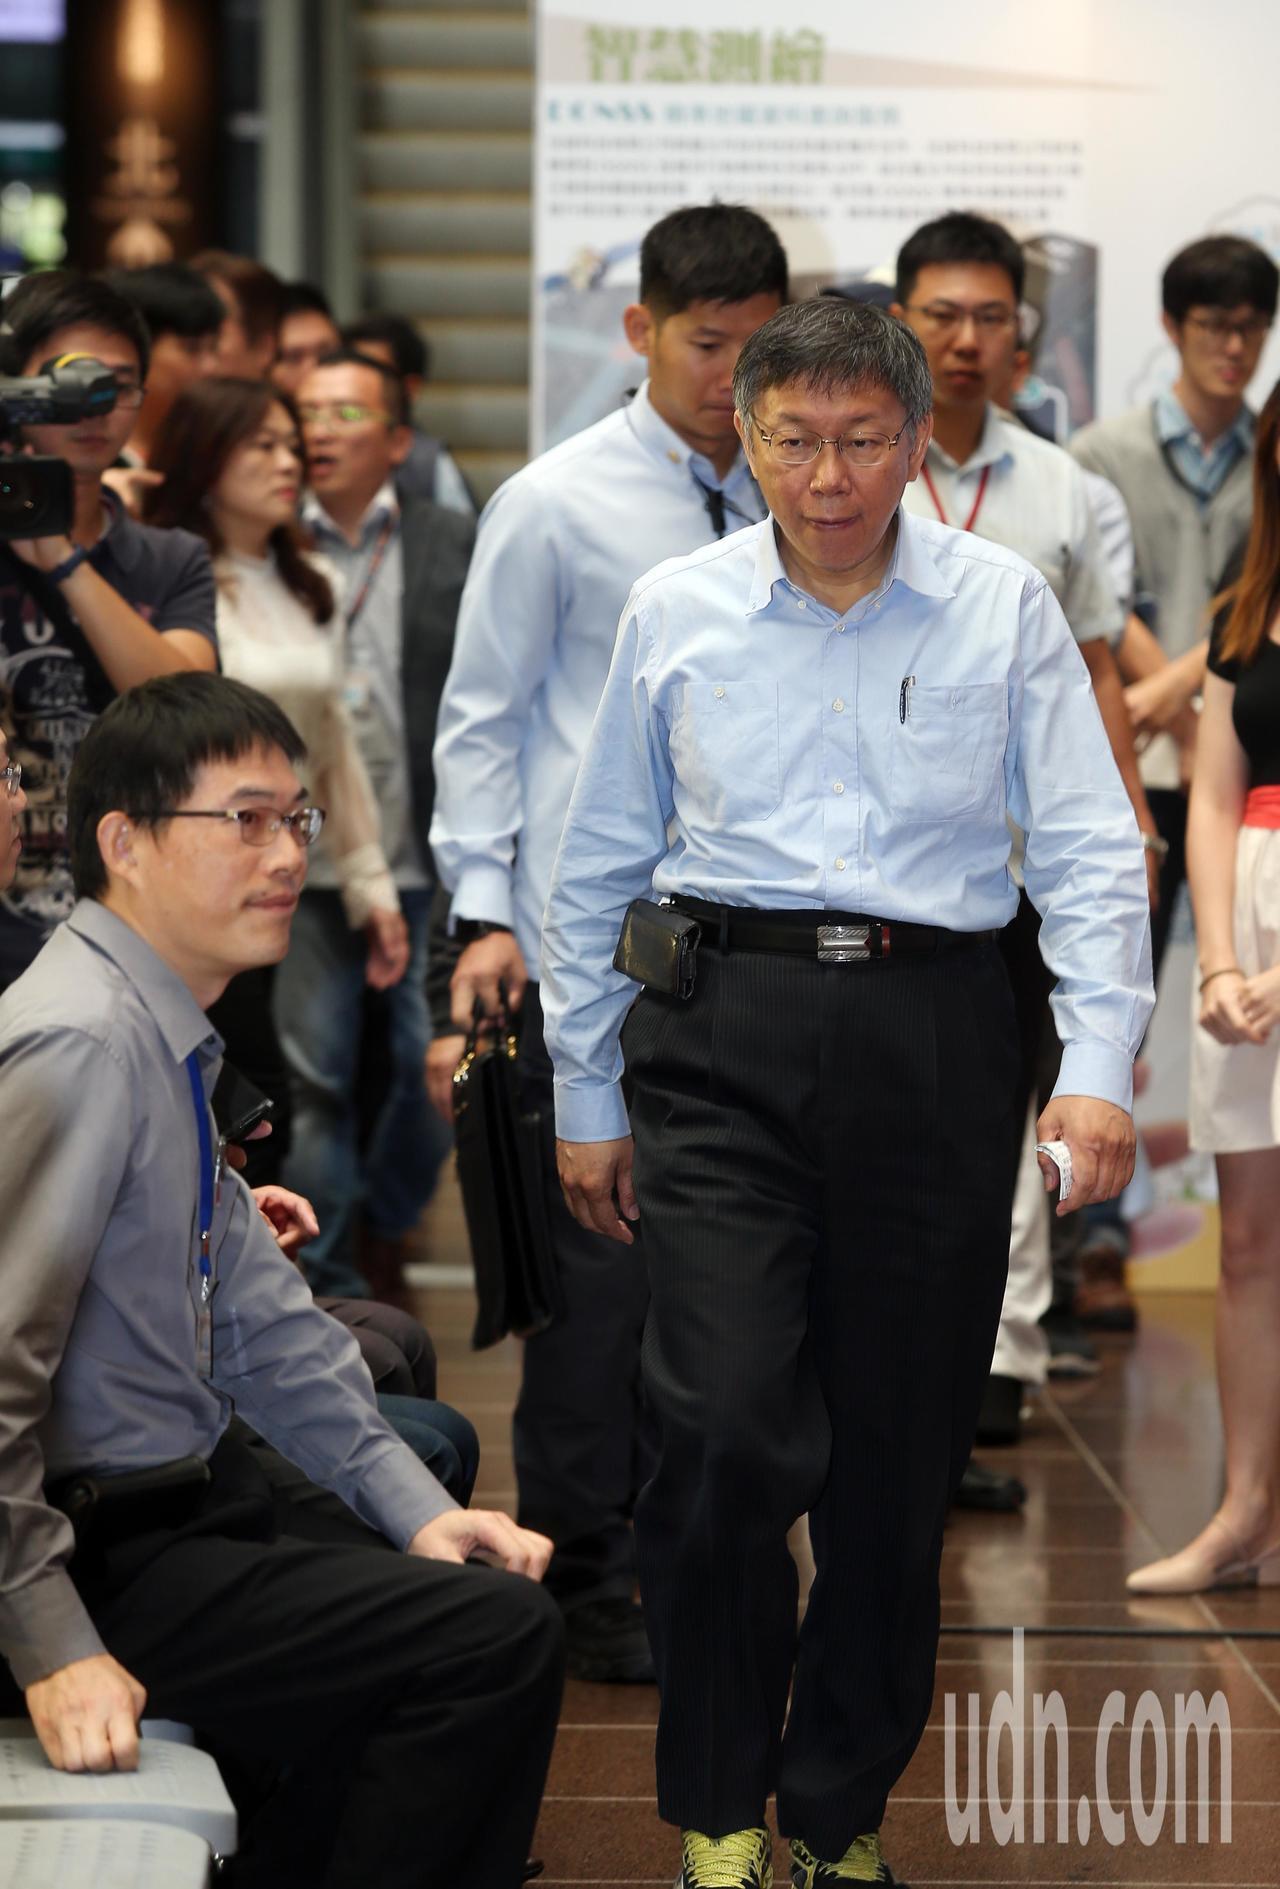 台北市長柯文哲上午參加地政活動參觀。記者曾吉松/攝影